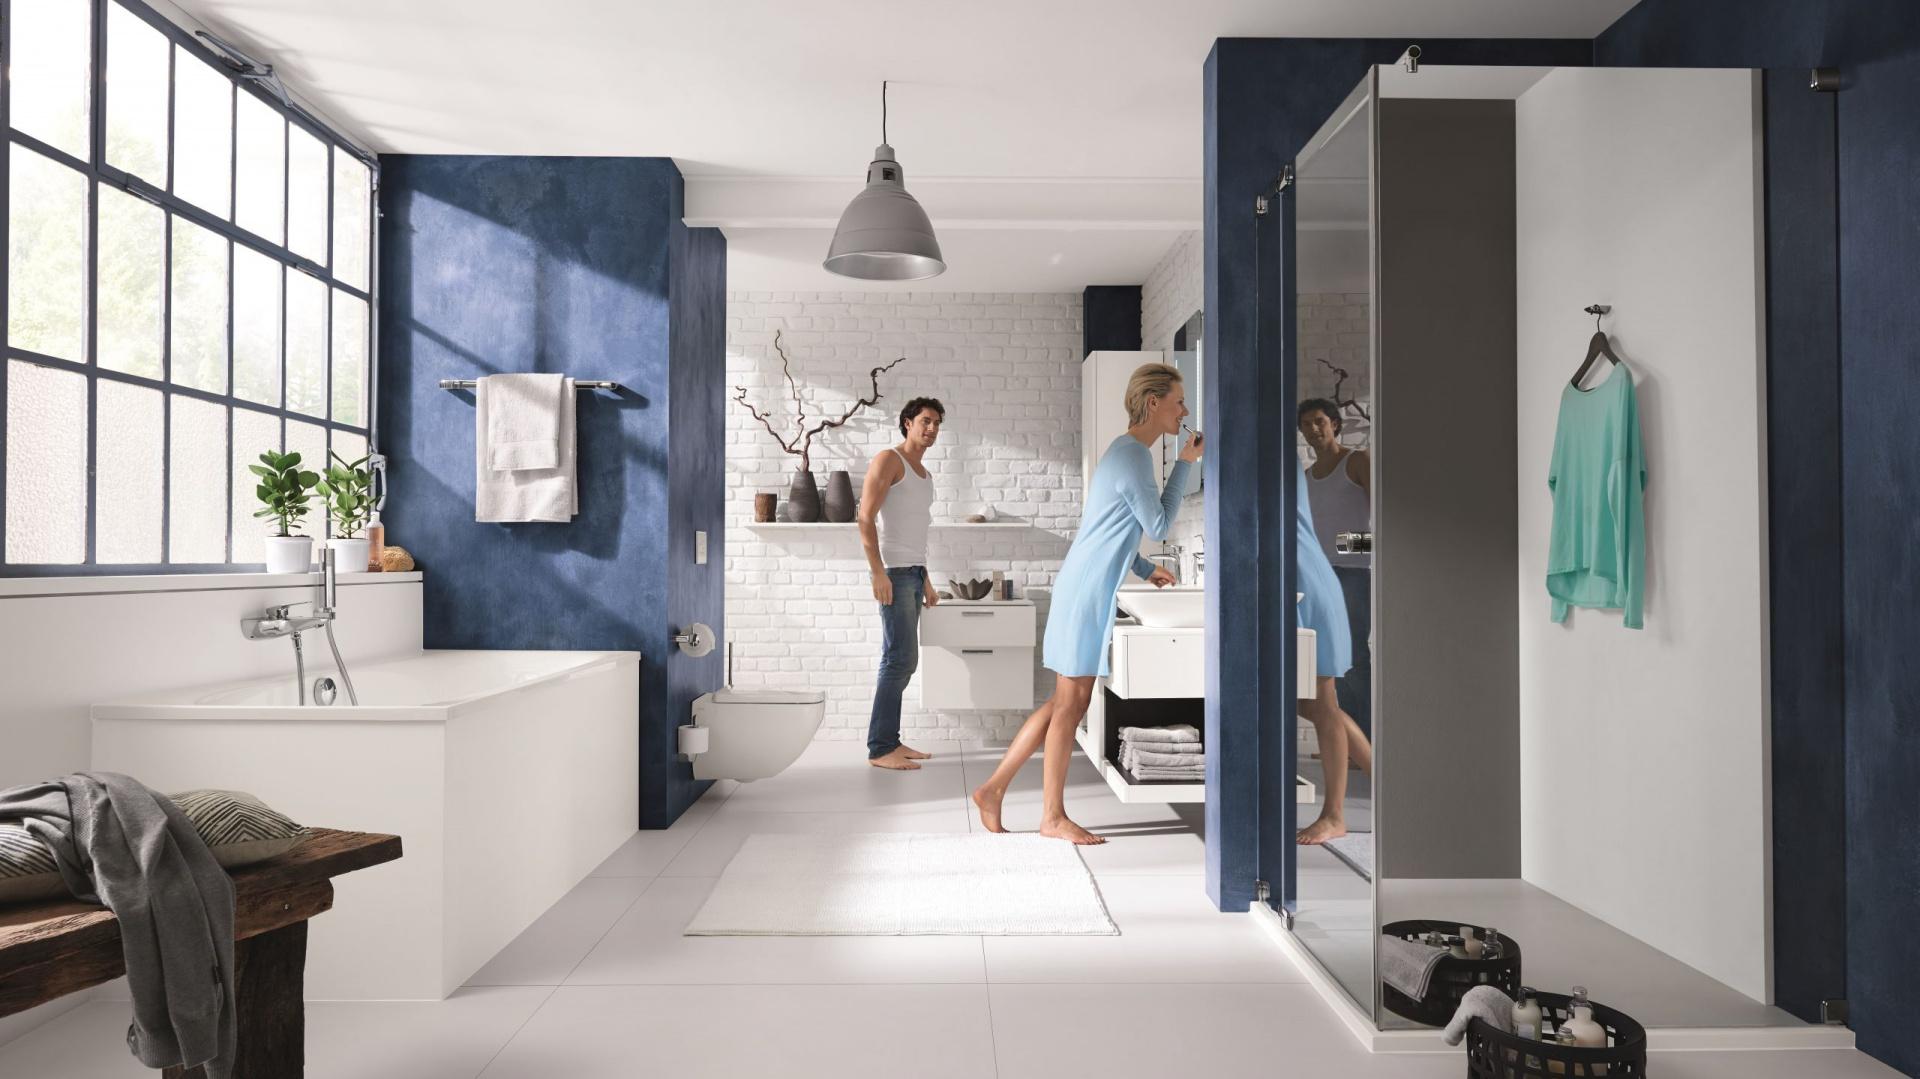 W serii ceramiki łazienkowej Vigour White umywalki, miski WC, bidety i pisuar reprezentujące tę samą linie stylistyczną, także miski wc w wersji bezkołnierzowej ułatwiające utrzymanie w czystości. Ok. 1.760 zł (miska bezkołnierzowa). Fot. Vigour / Elements